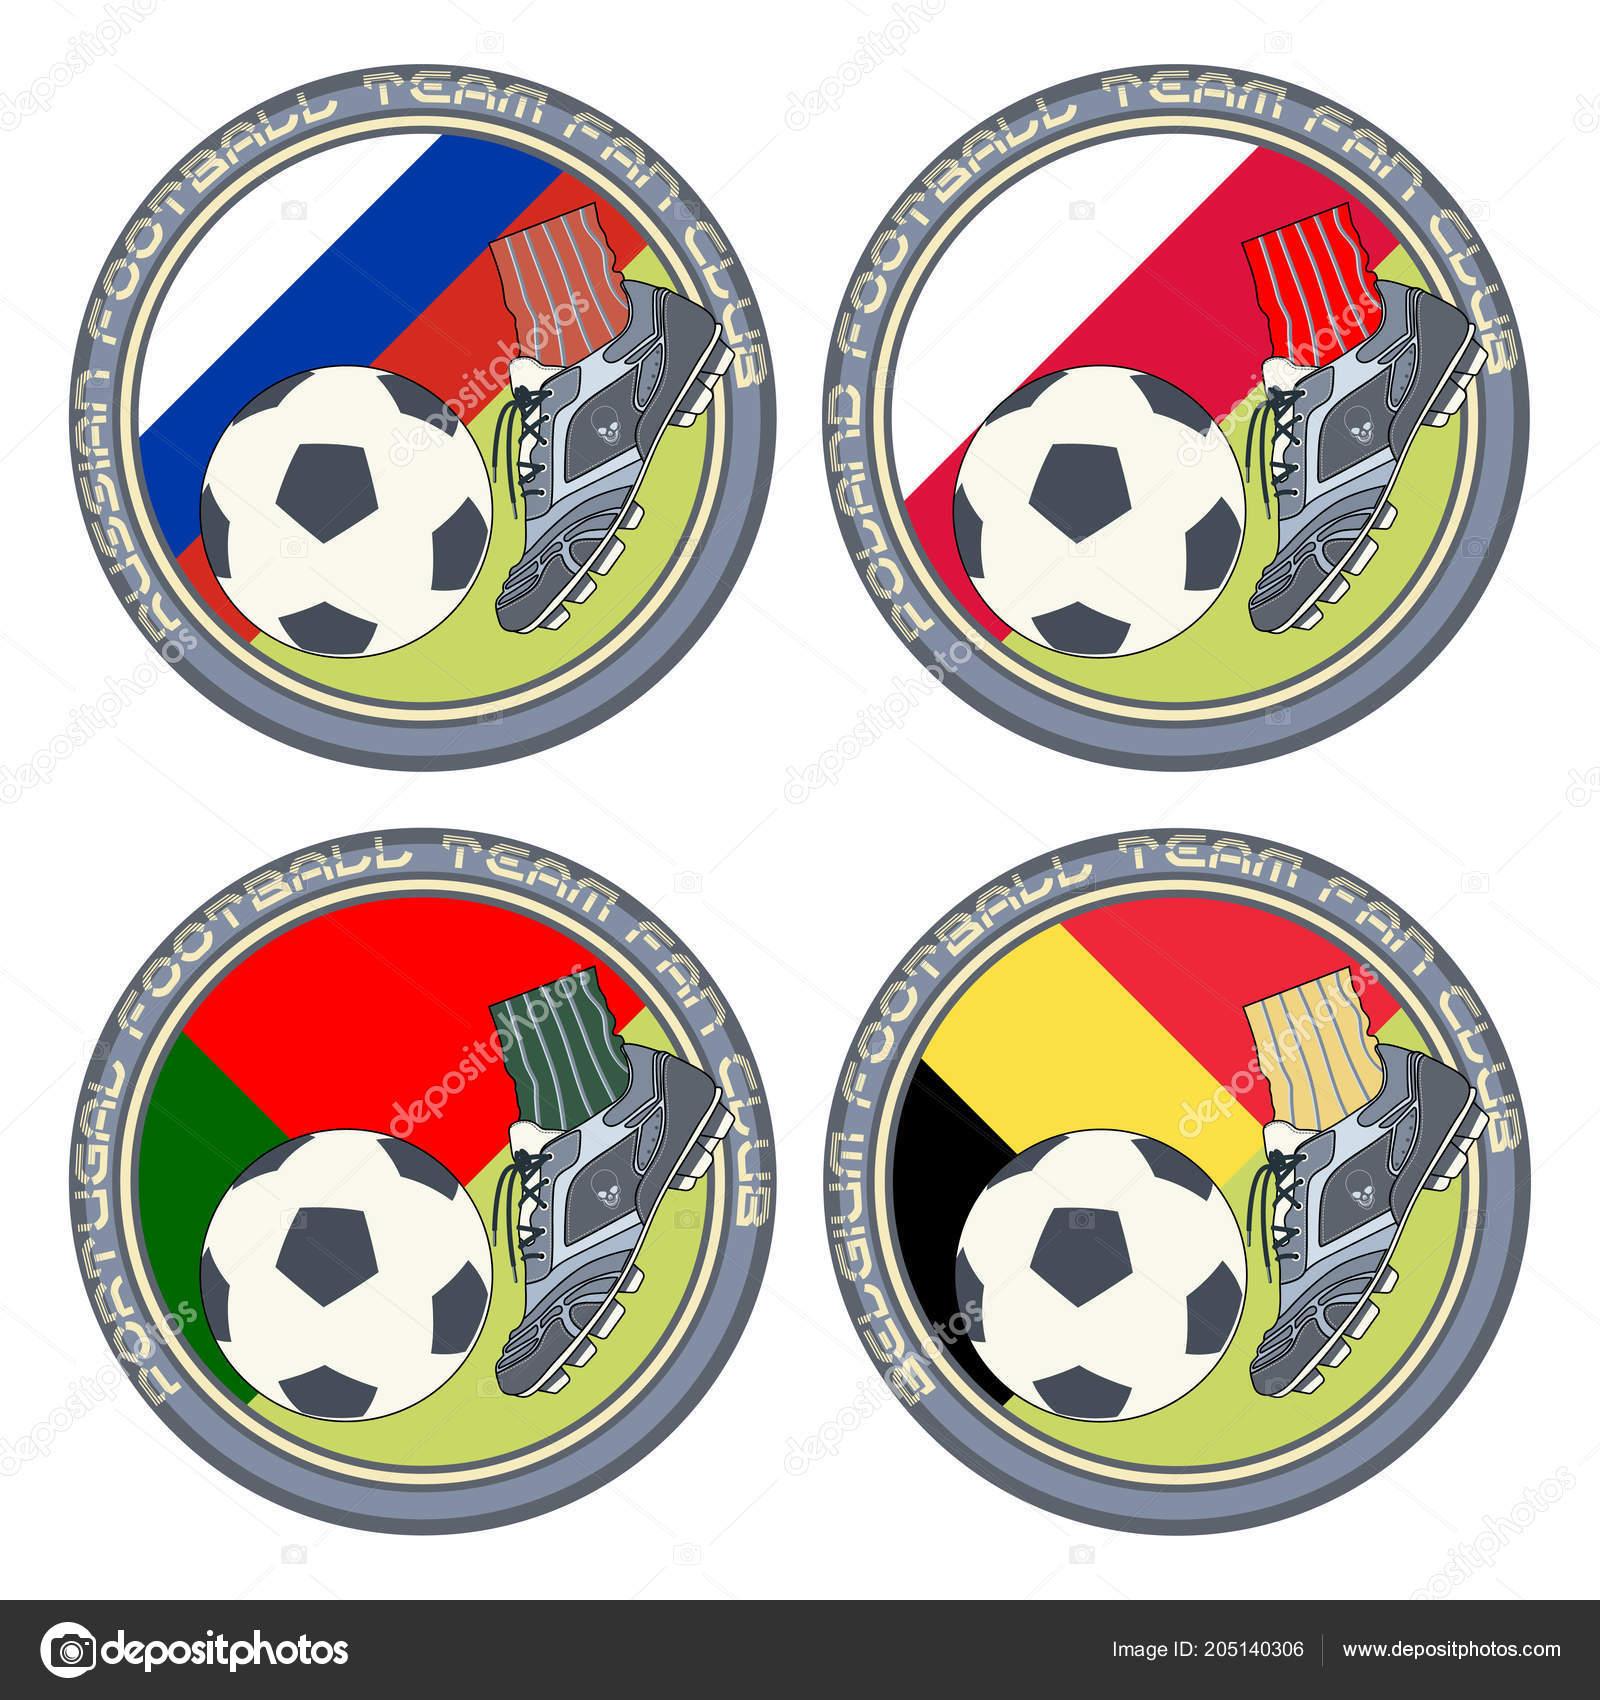 Fußball Fan Logo Vektor Illustration Eine Farbige Logo Für Fußball